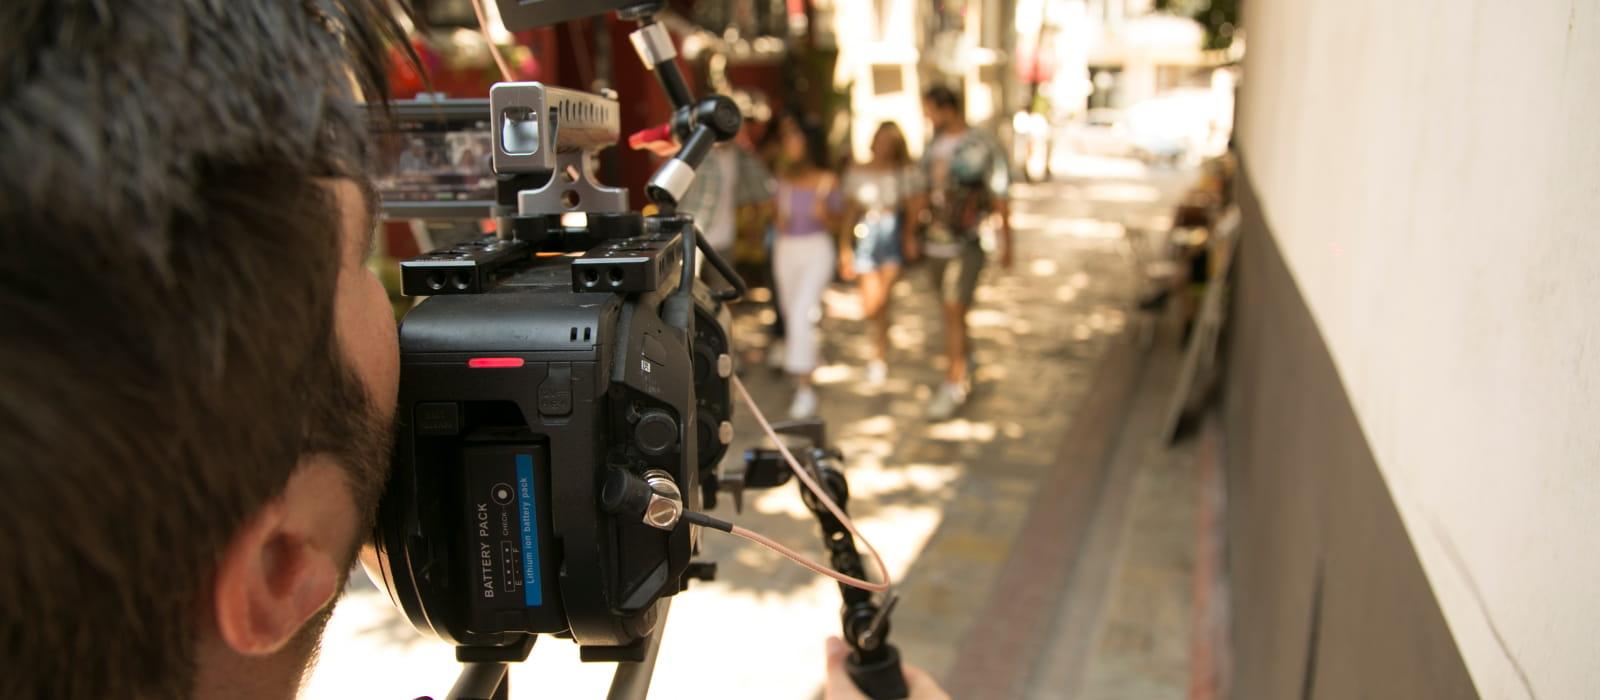 Tournage de film